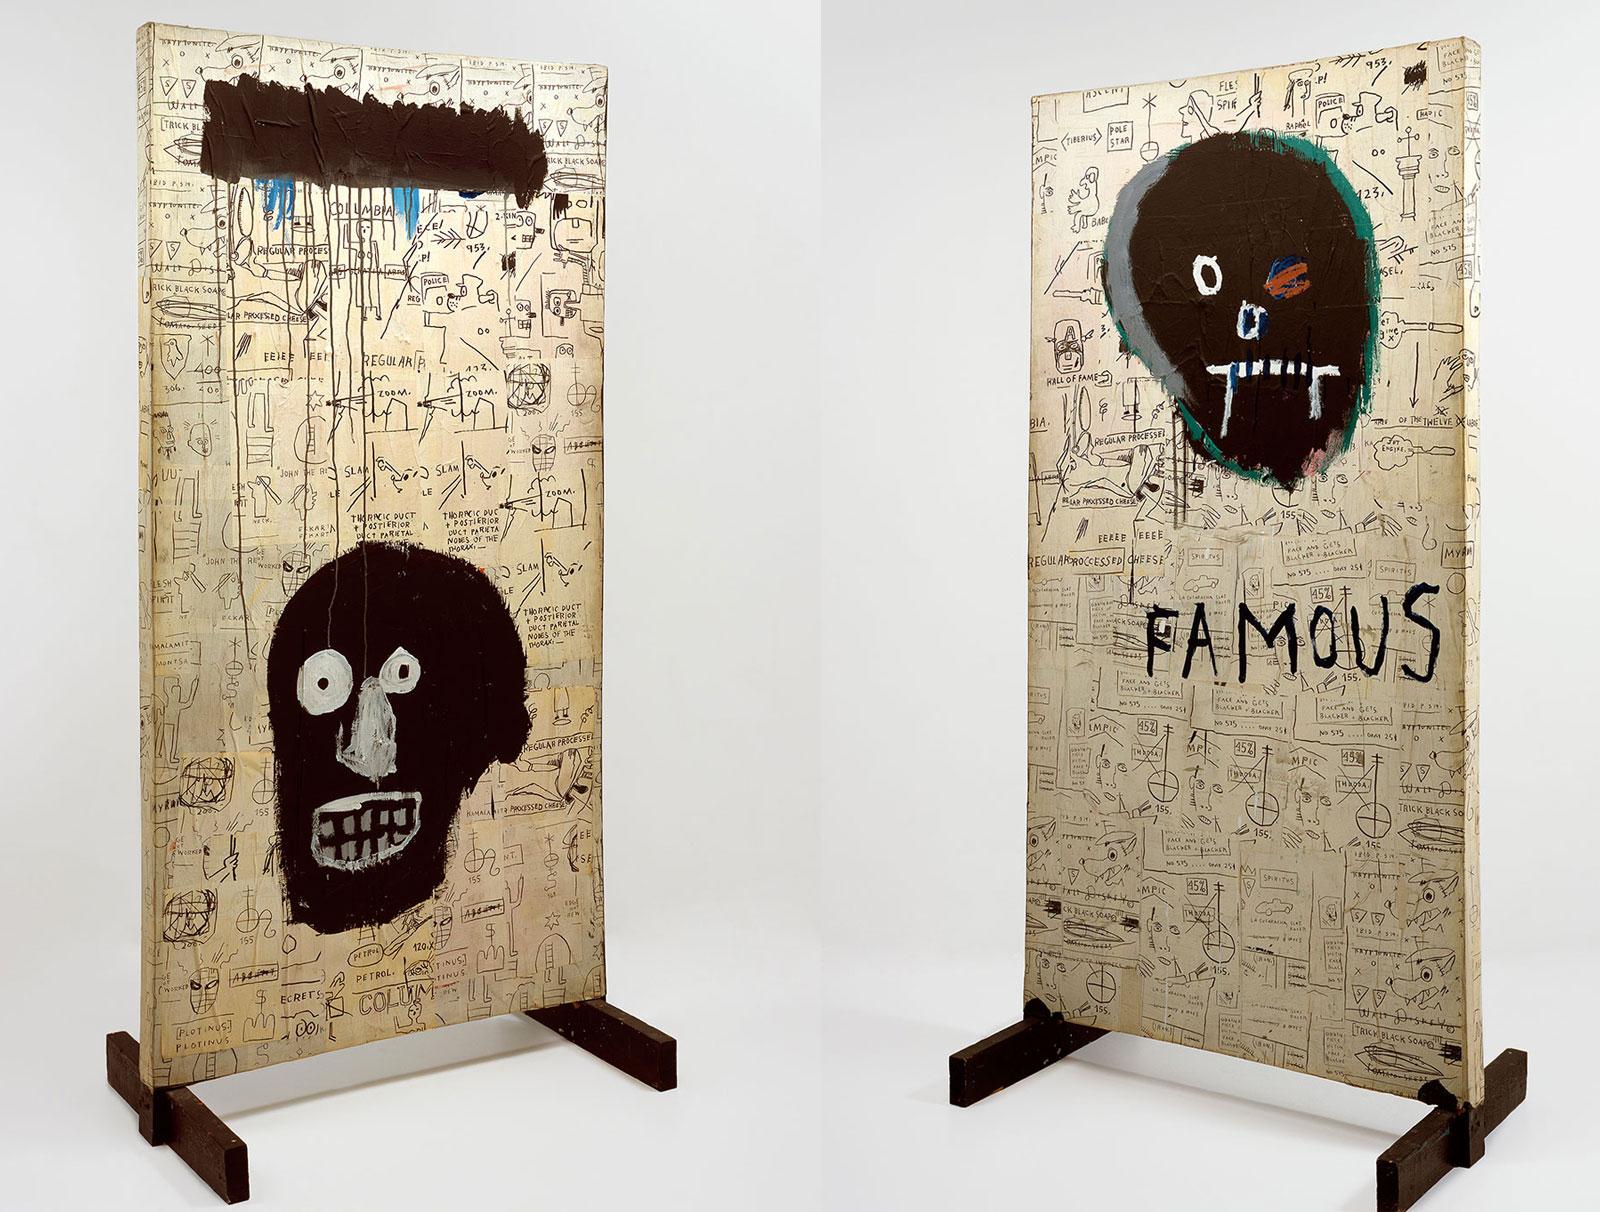 Jean-Michel Basquiat: Famous, 1982